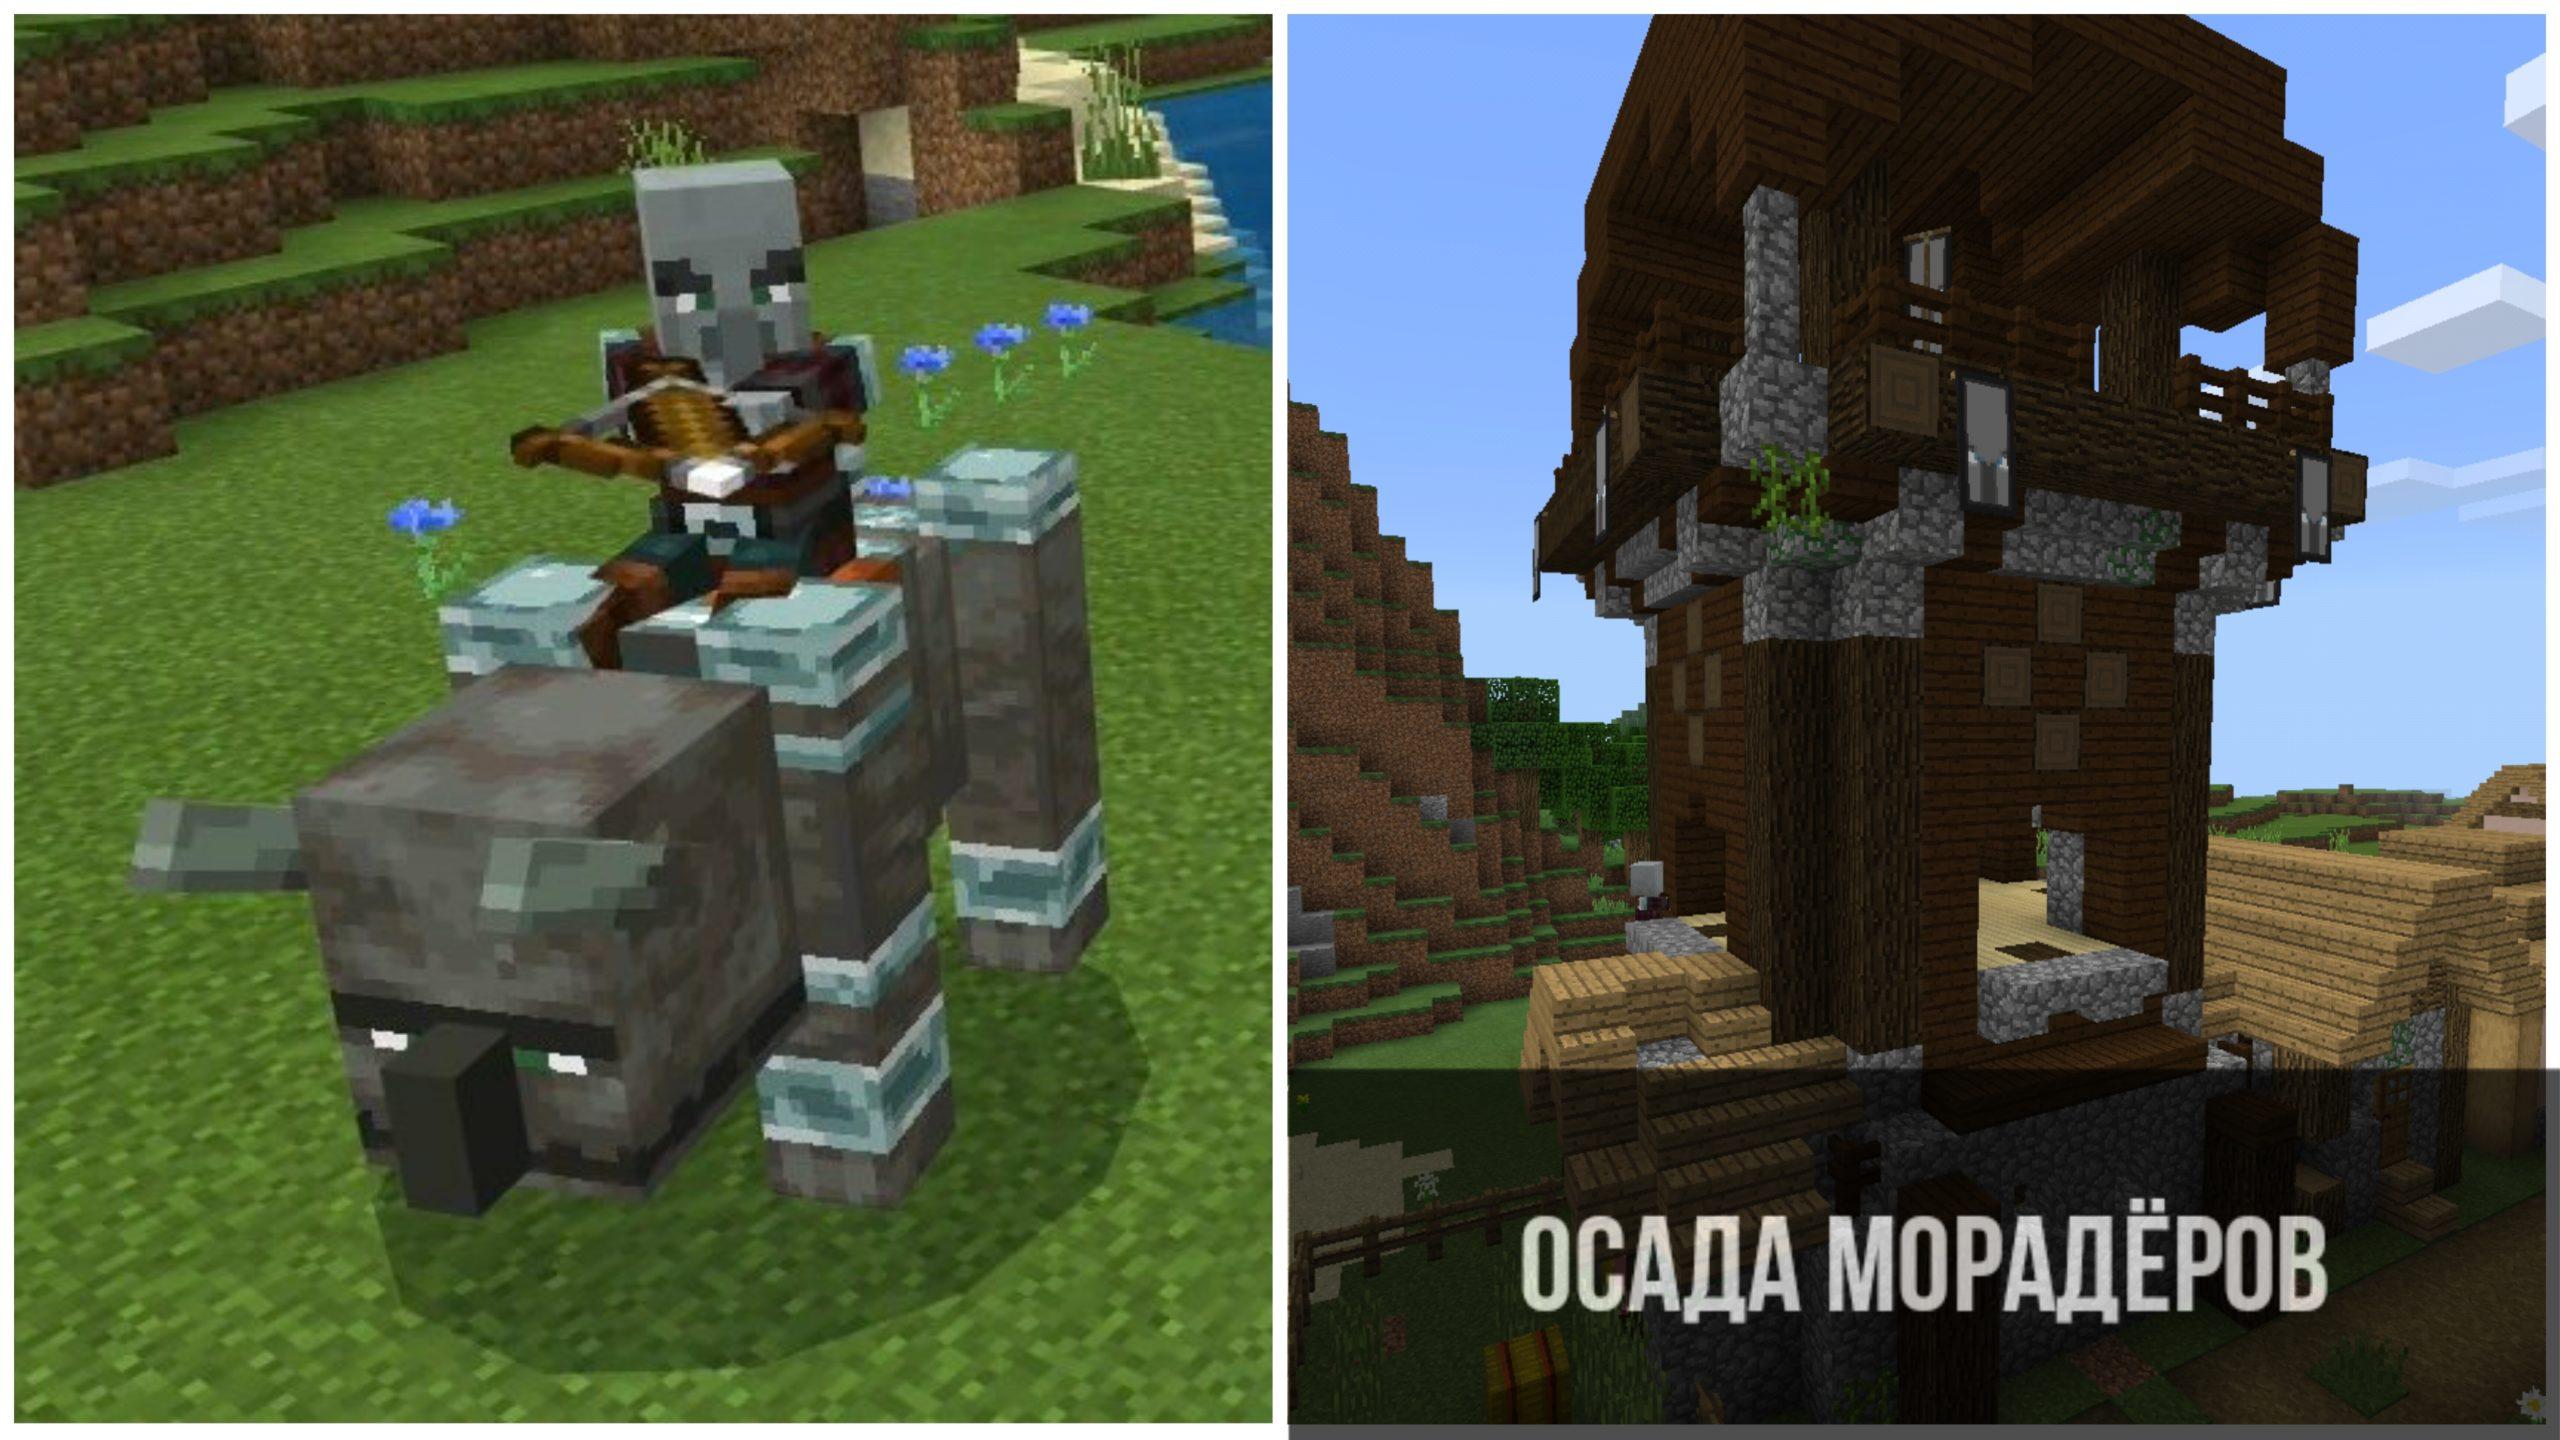 Осада в Minecraft PE 1.11.0.1